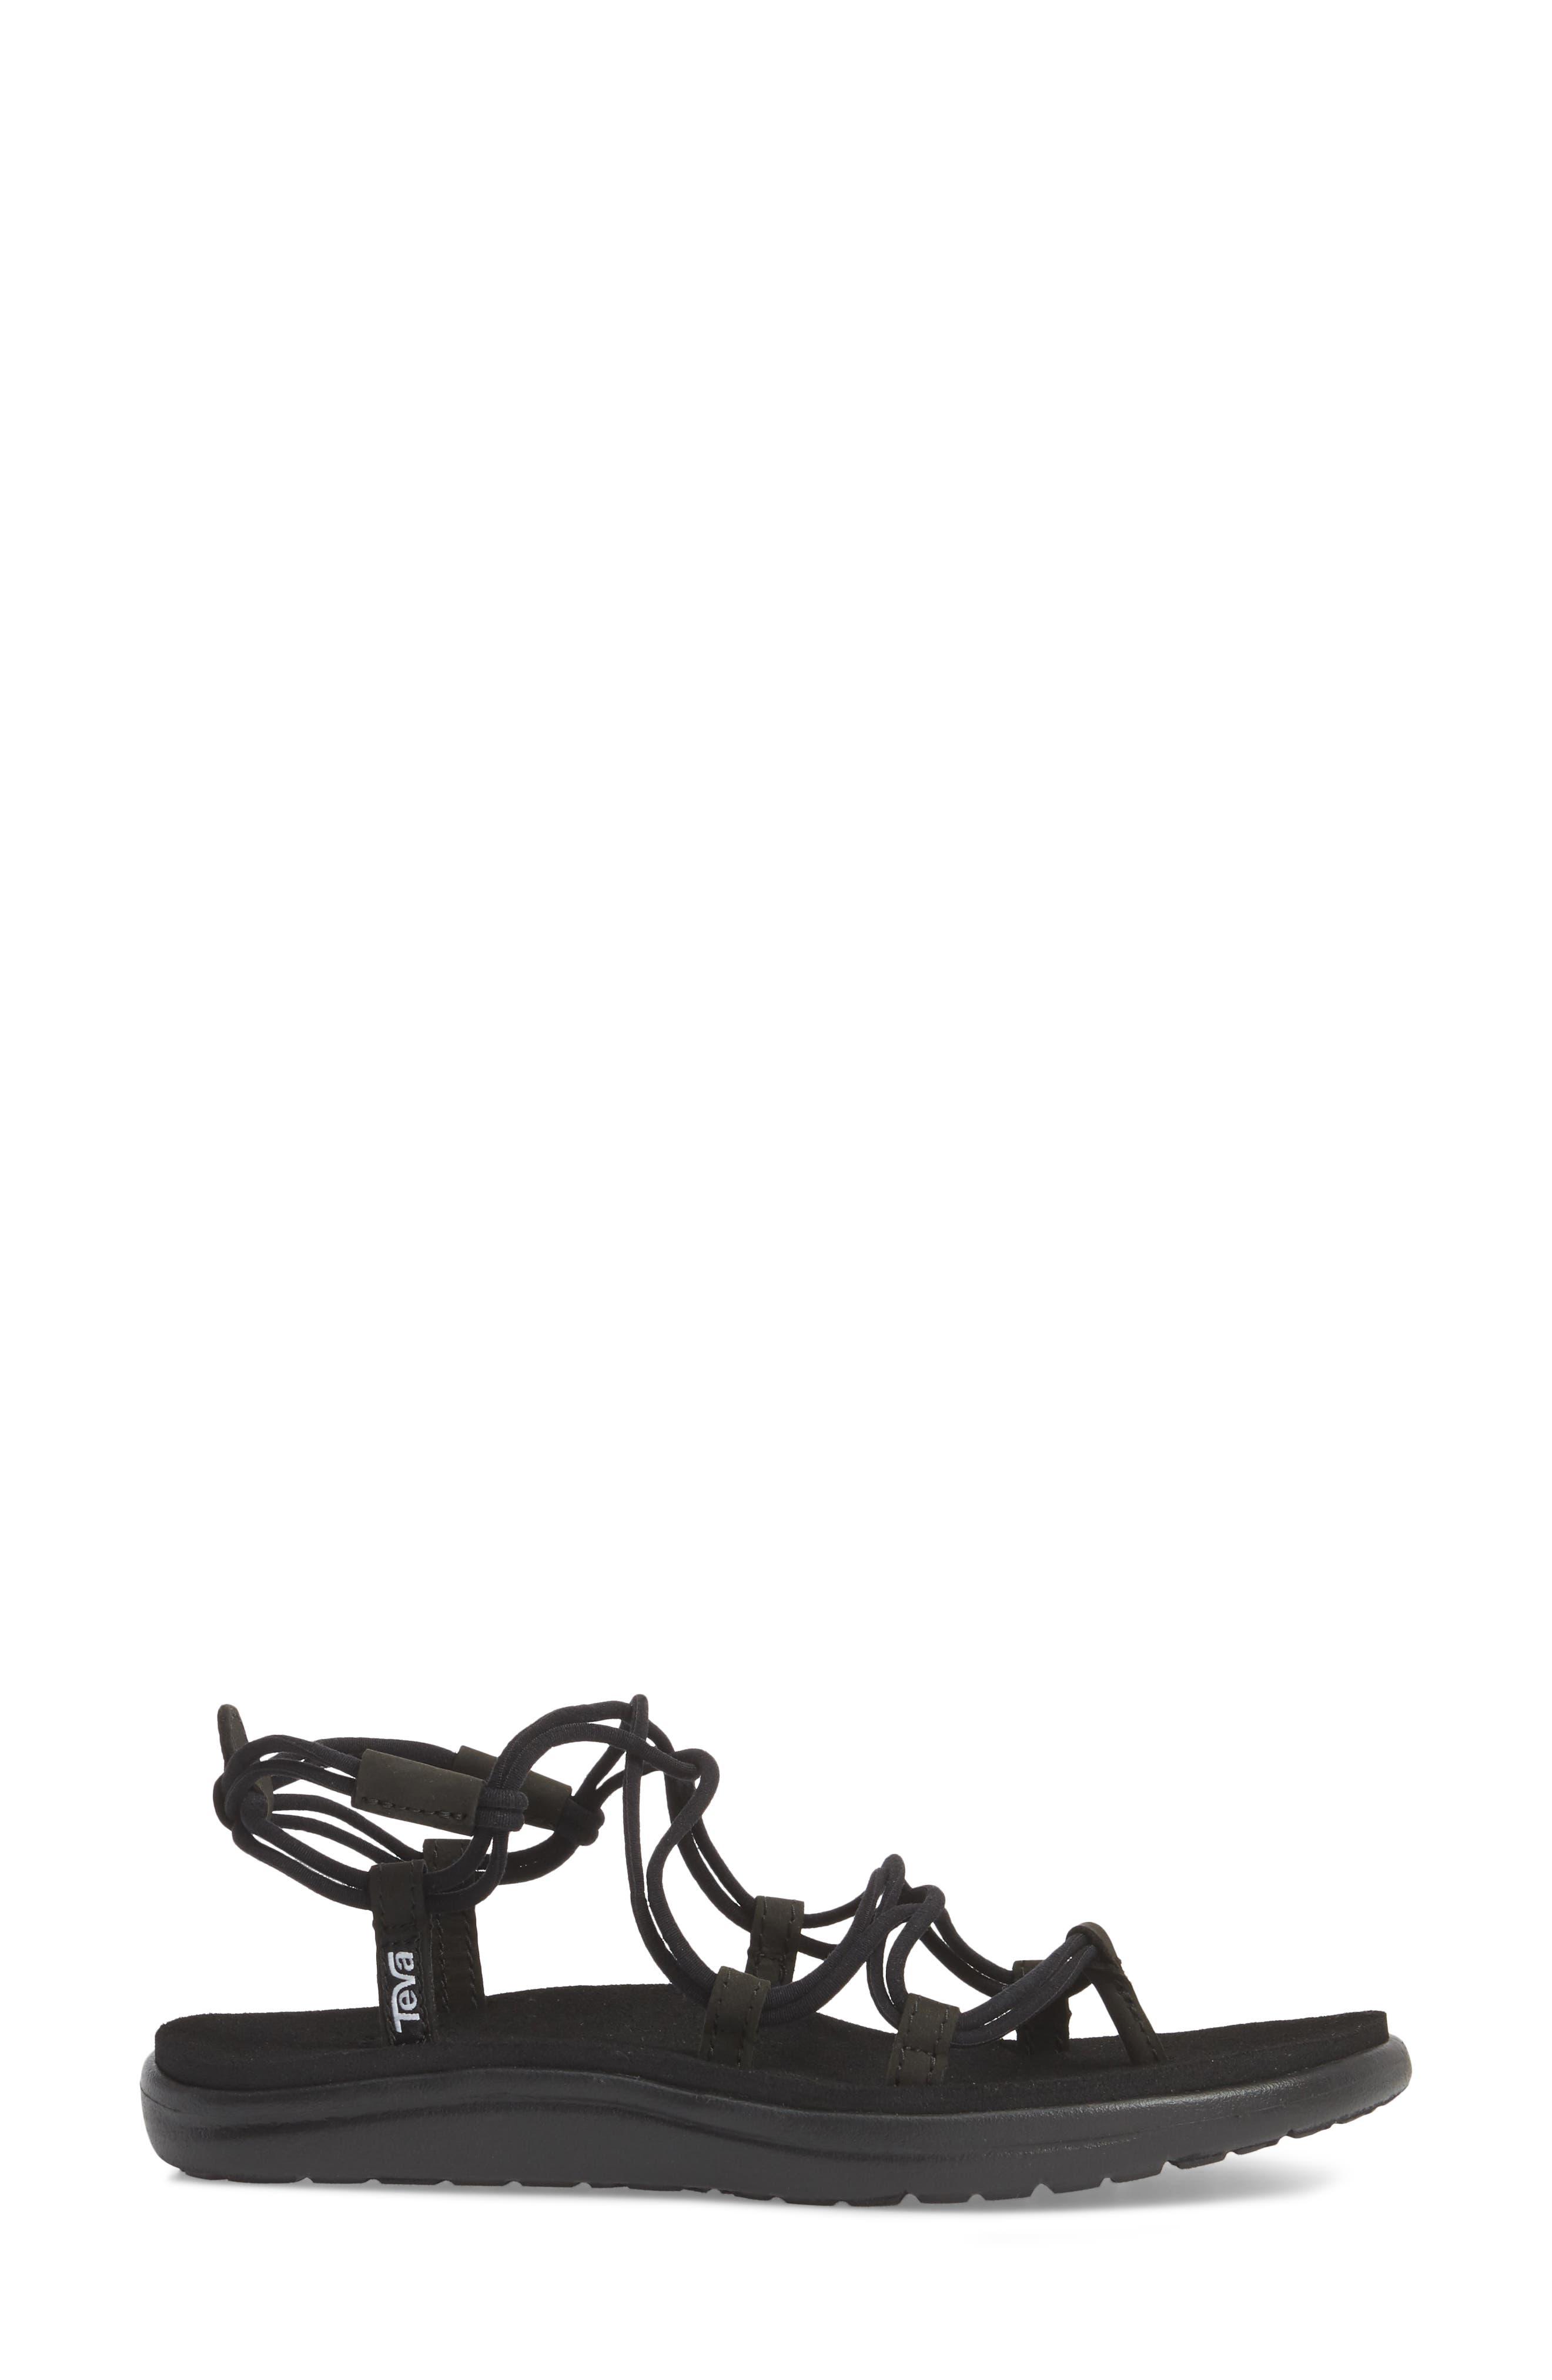 Voya Infinity Sandal,                             Alternate thumbnail 3, color,                             001